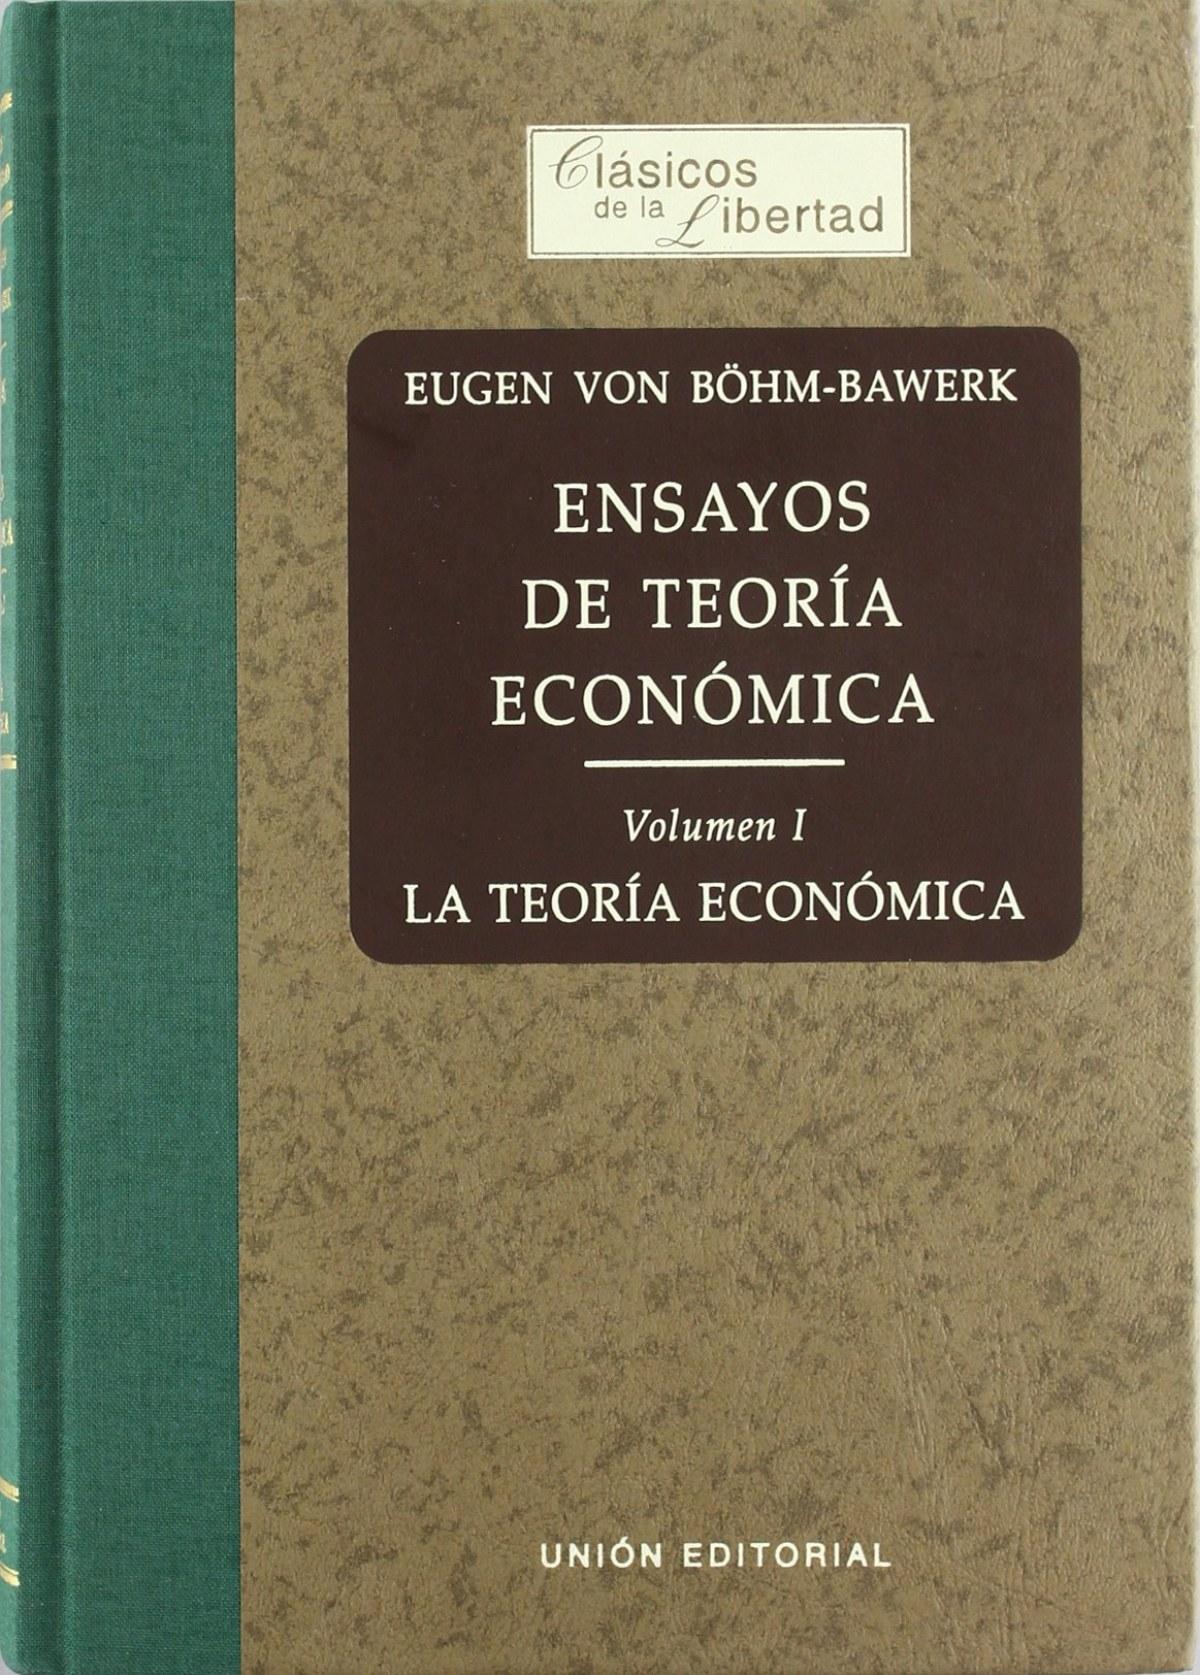 Ensayos De Teoria Economica Vol I